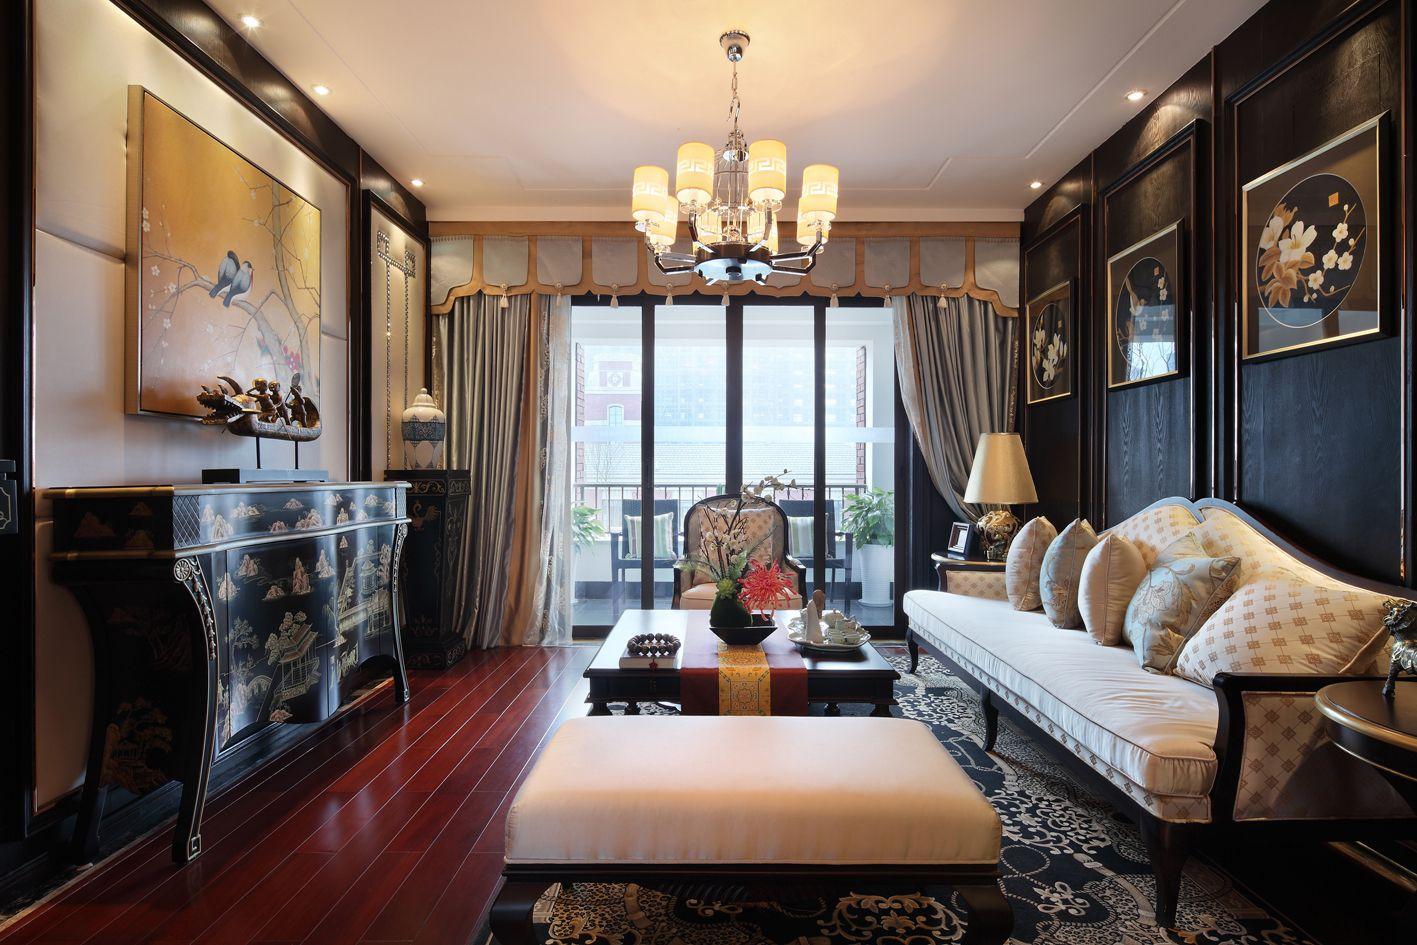 客厅以深咖色为主色调,沉稳大气,地上铺设了地毯,和沙发组合形成单独的小空间,相得益彰。